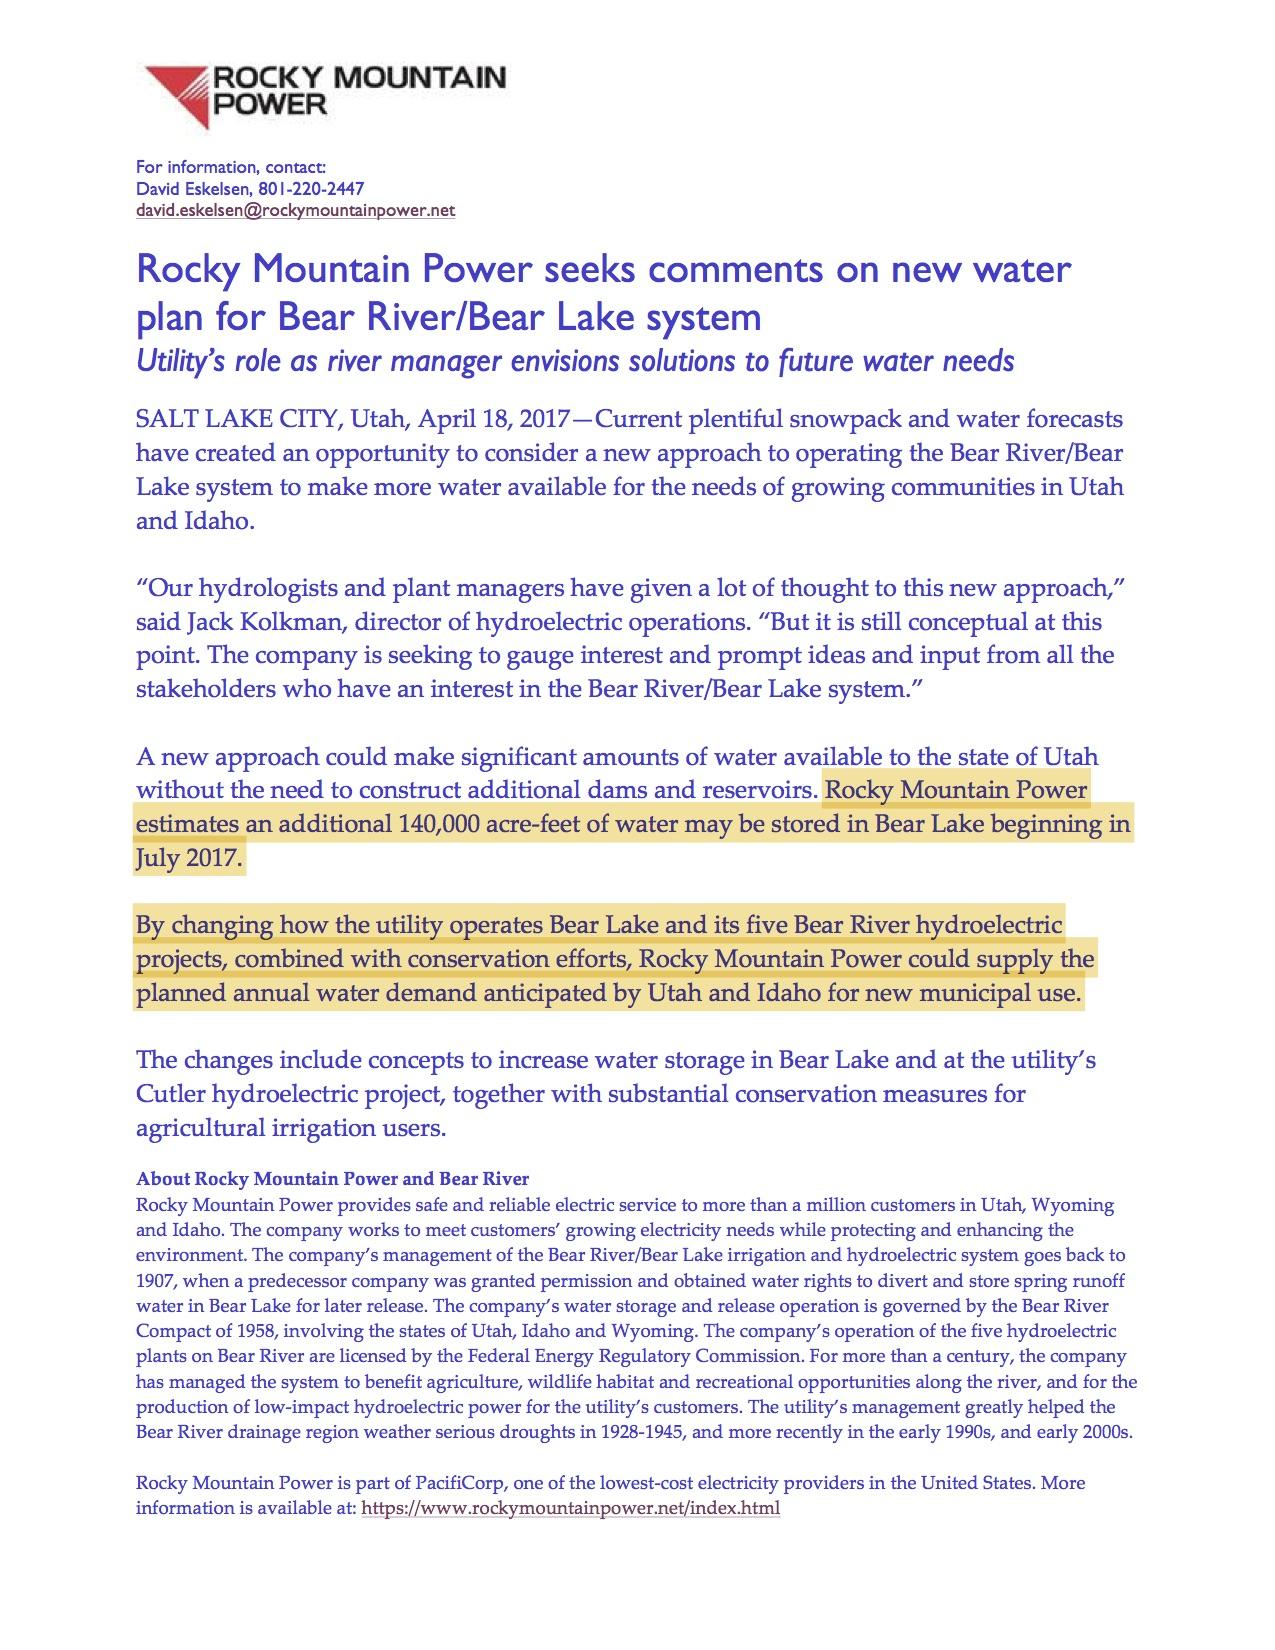 RMP Press Release